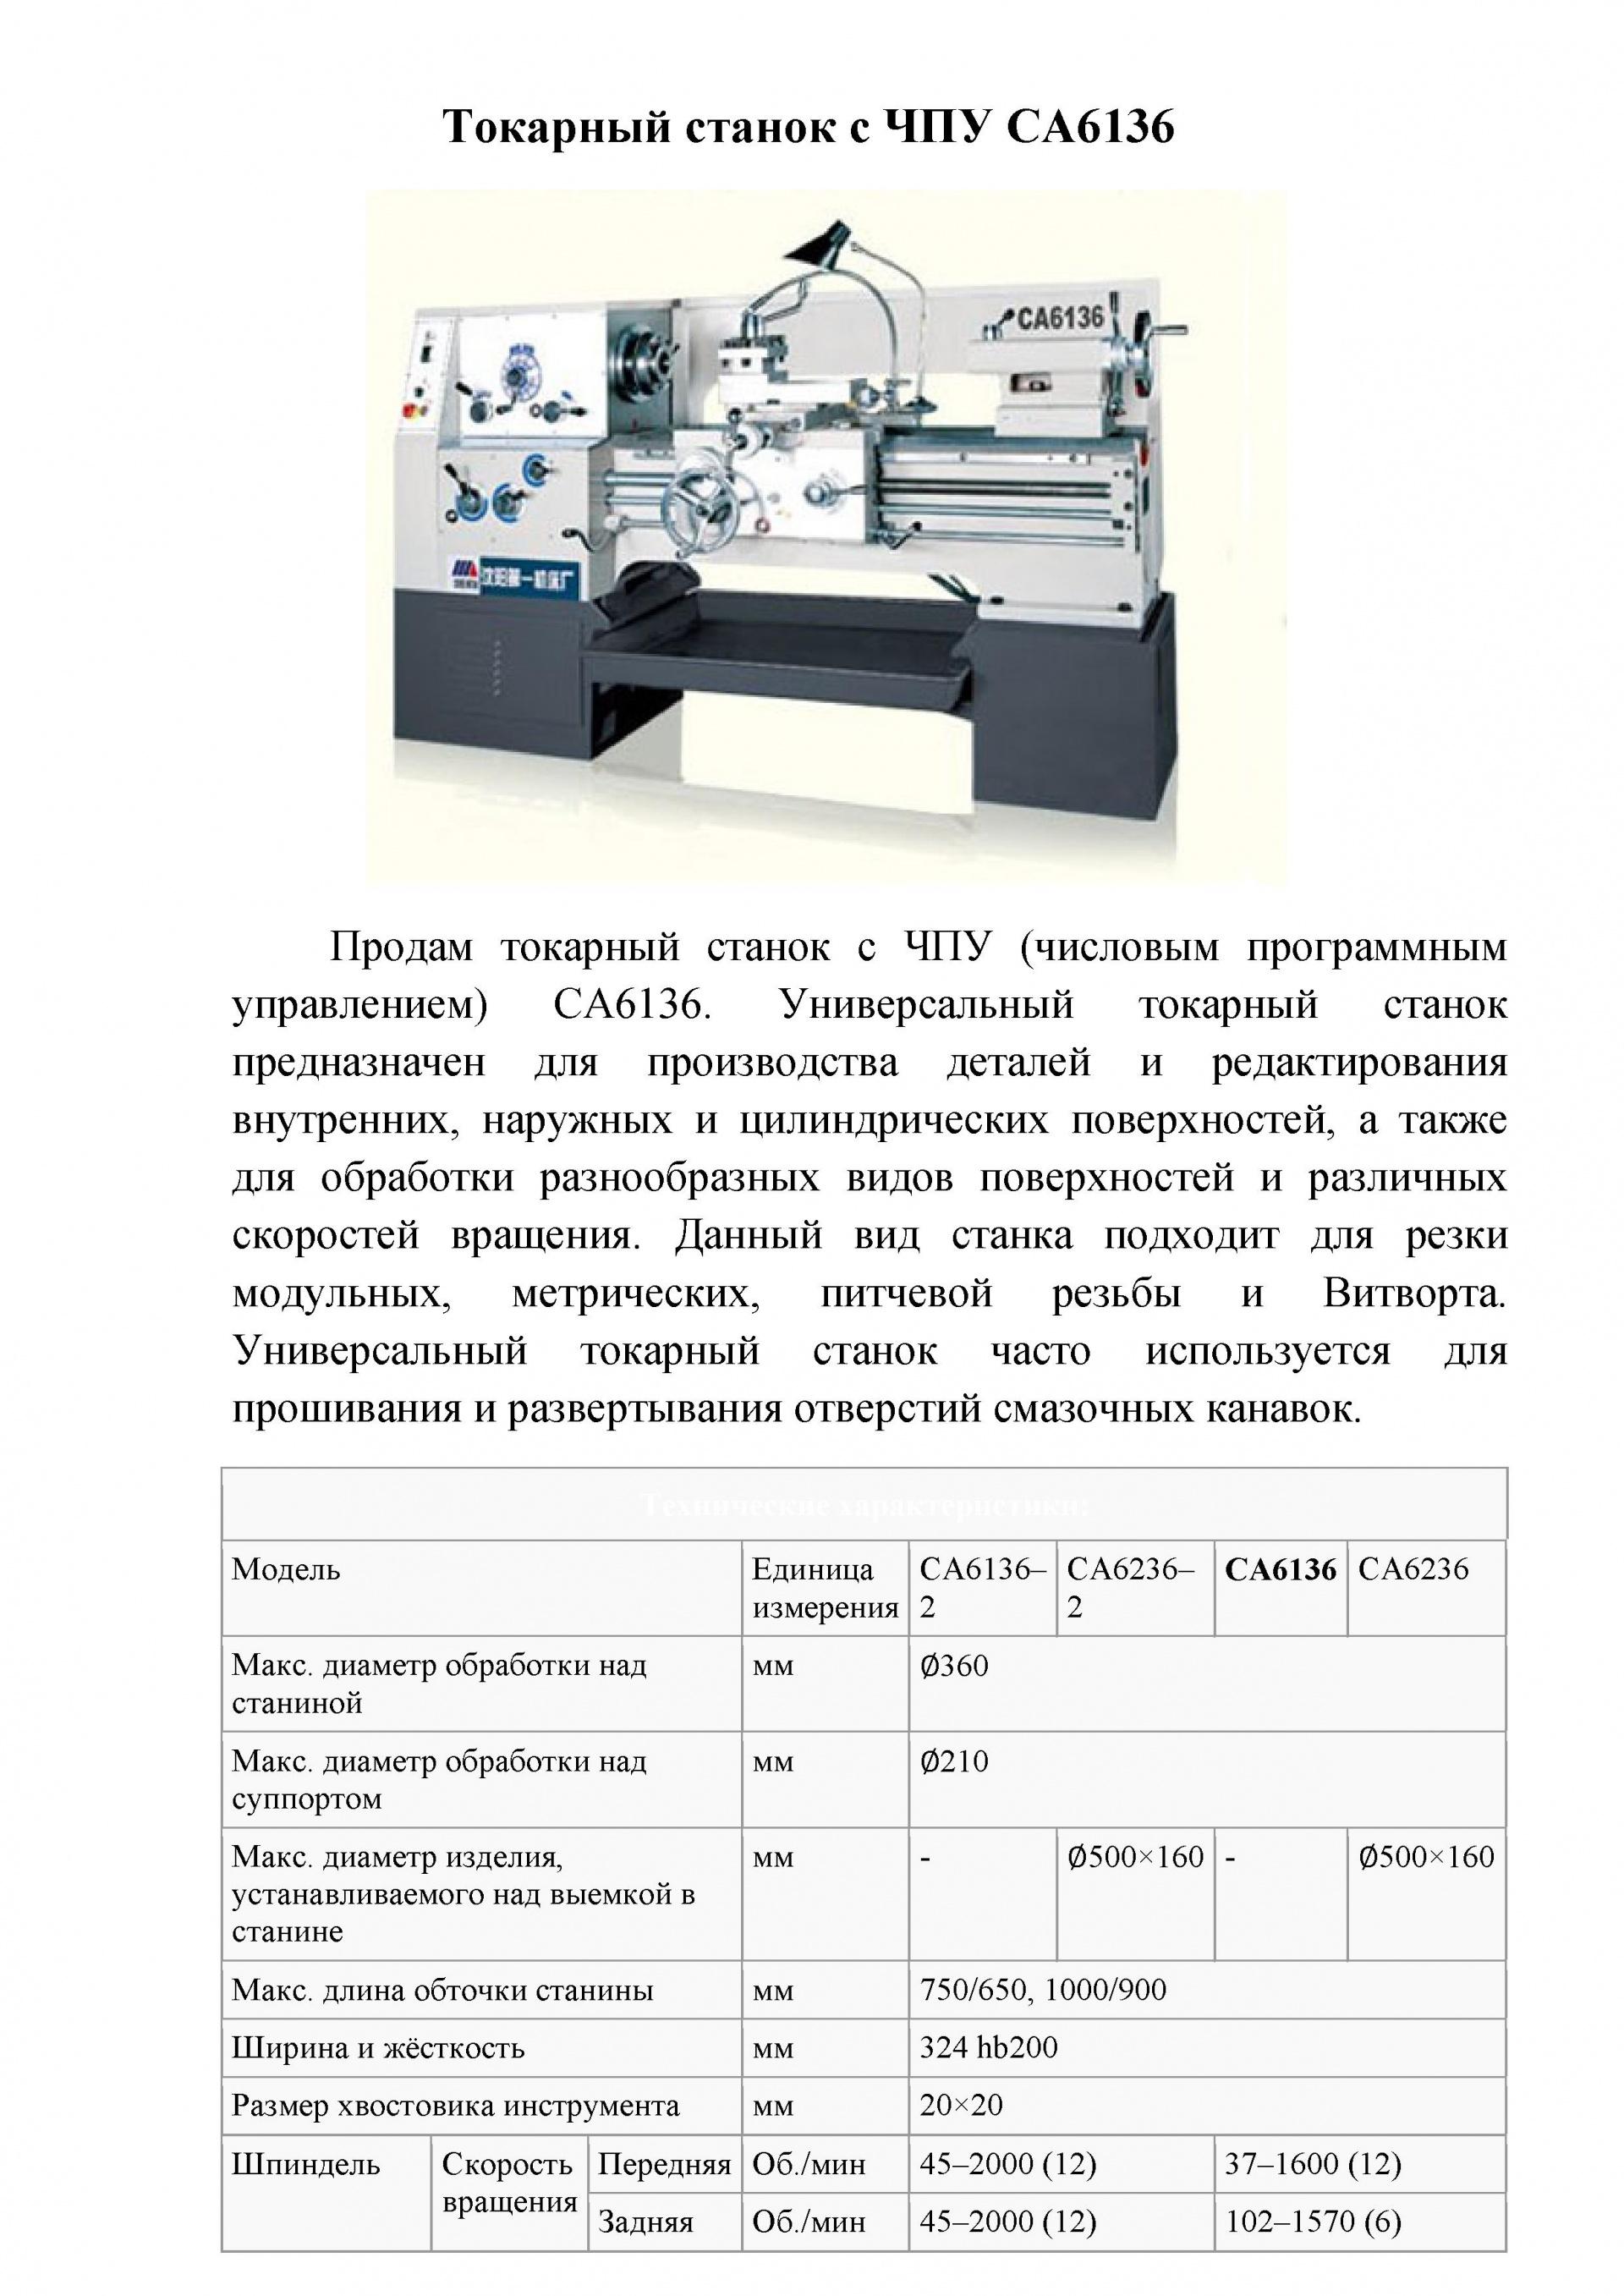 Токарный станок с чпу: технические характеристики, описание, плюсы